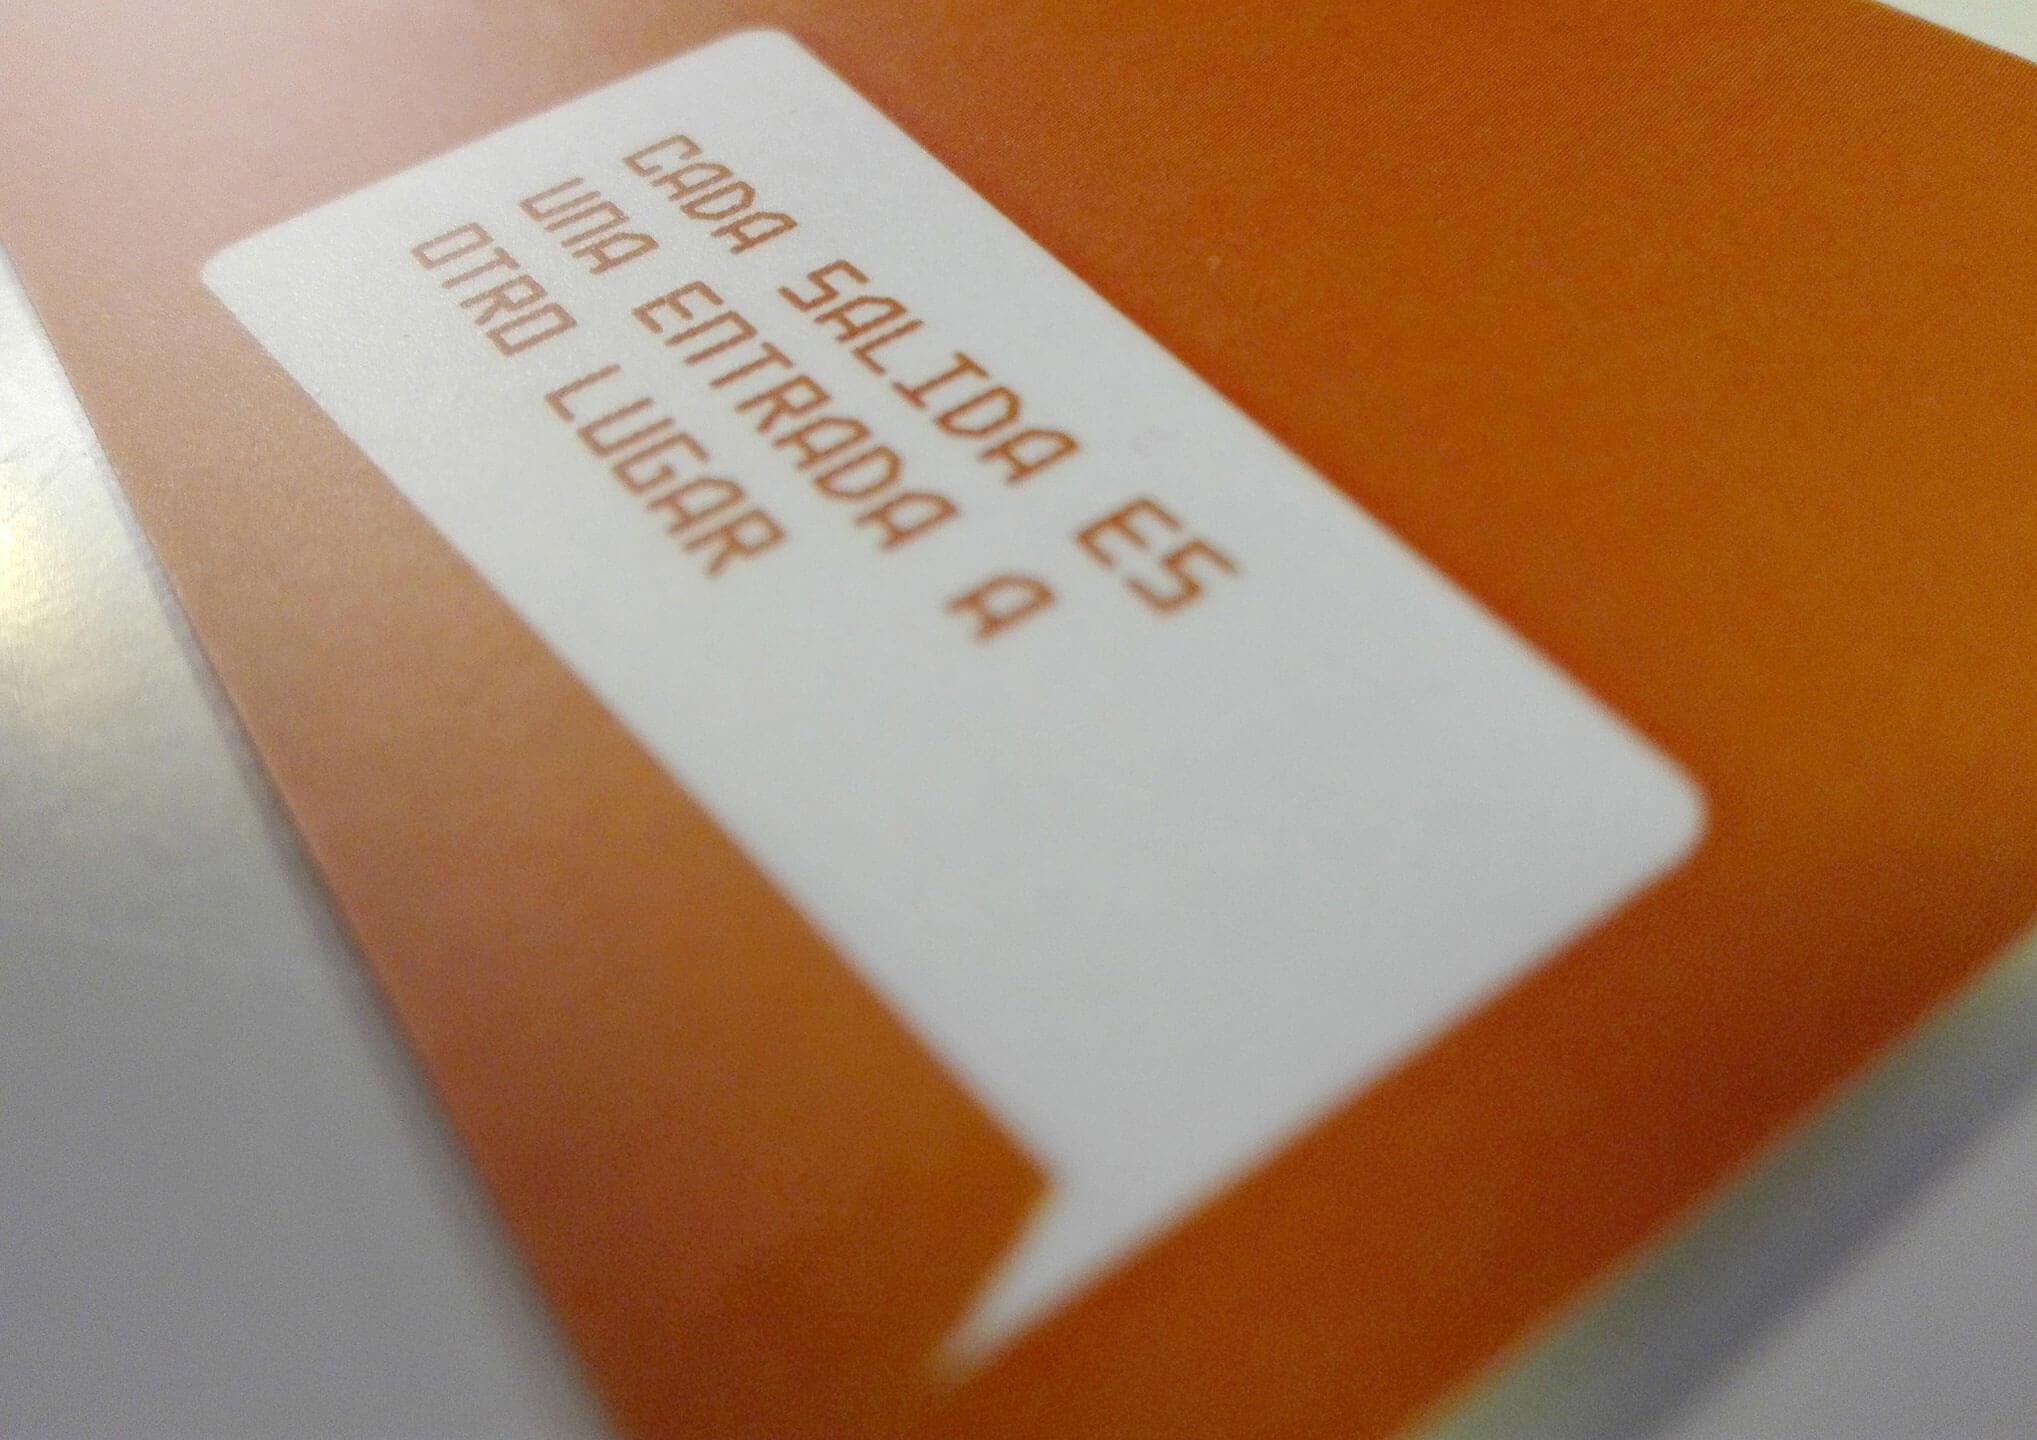 003-transglobal-tarjeta-2